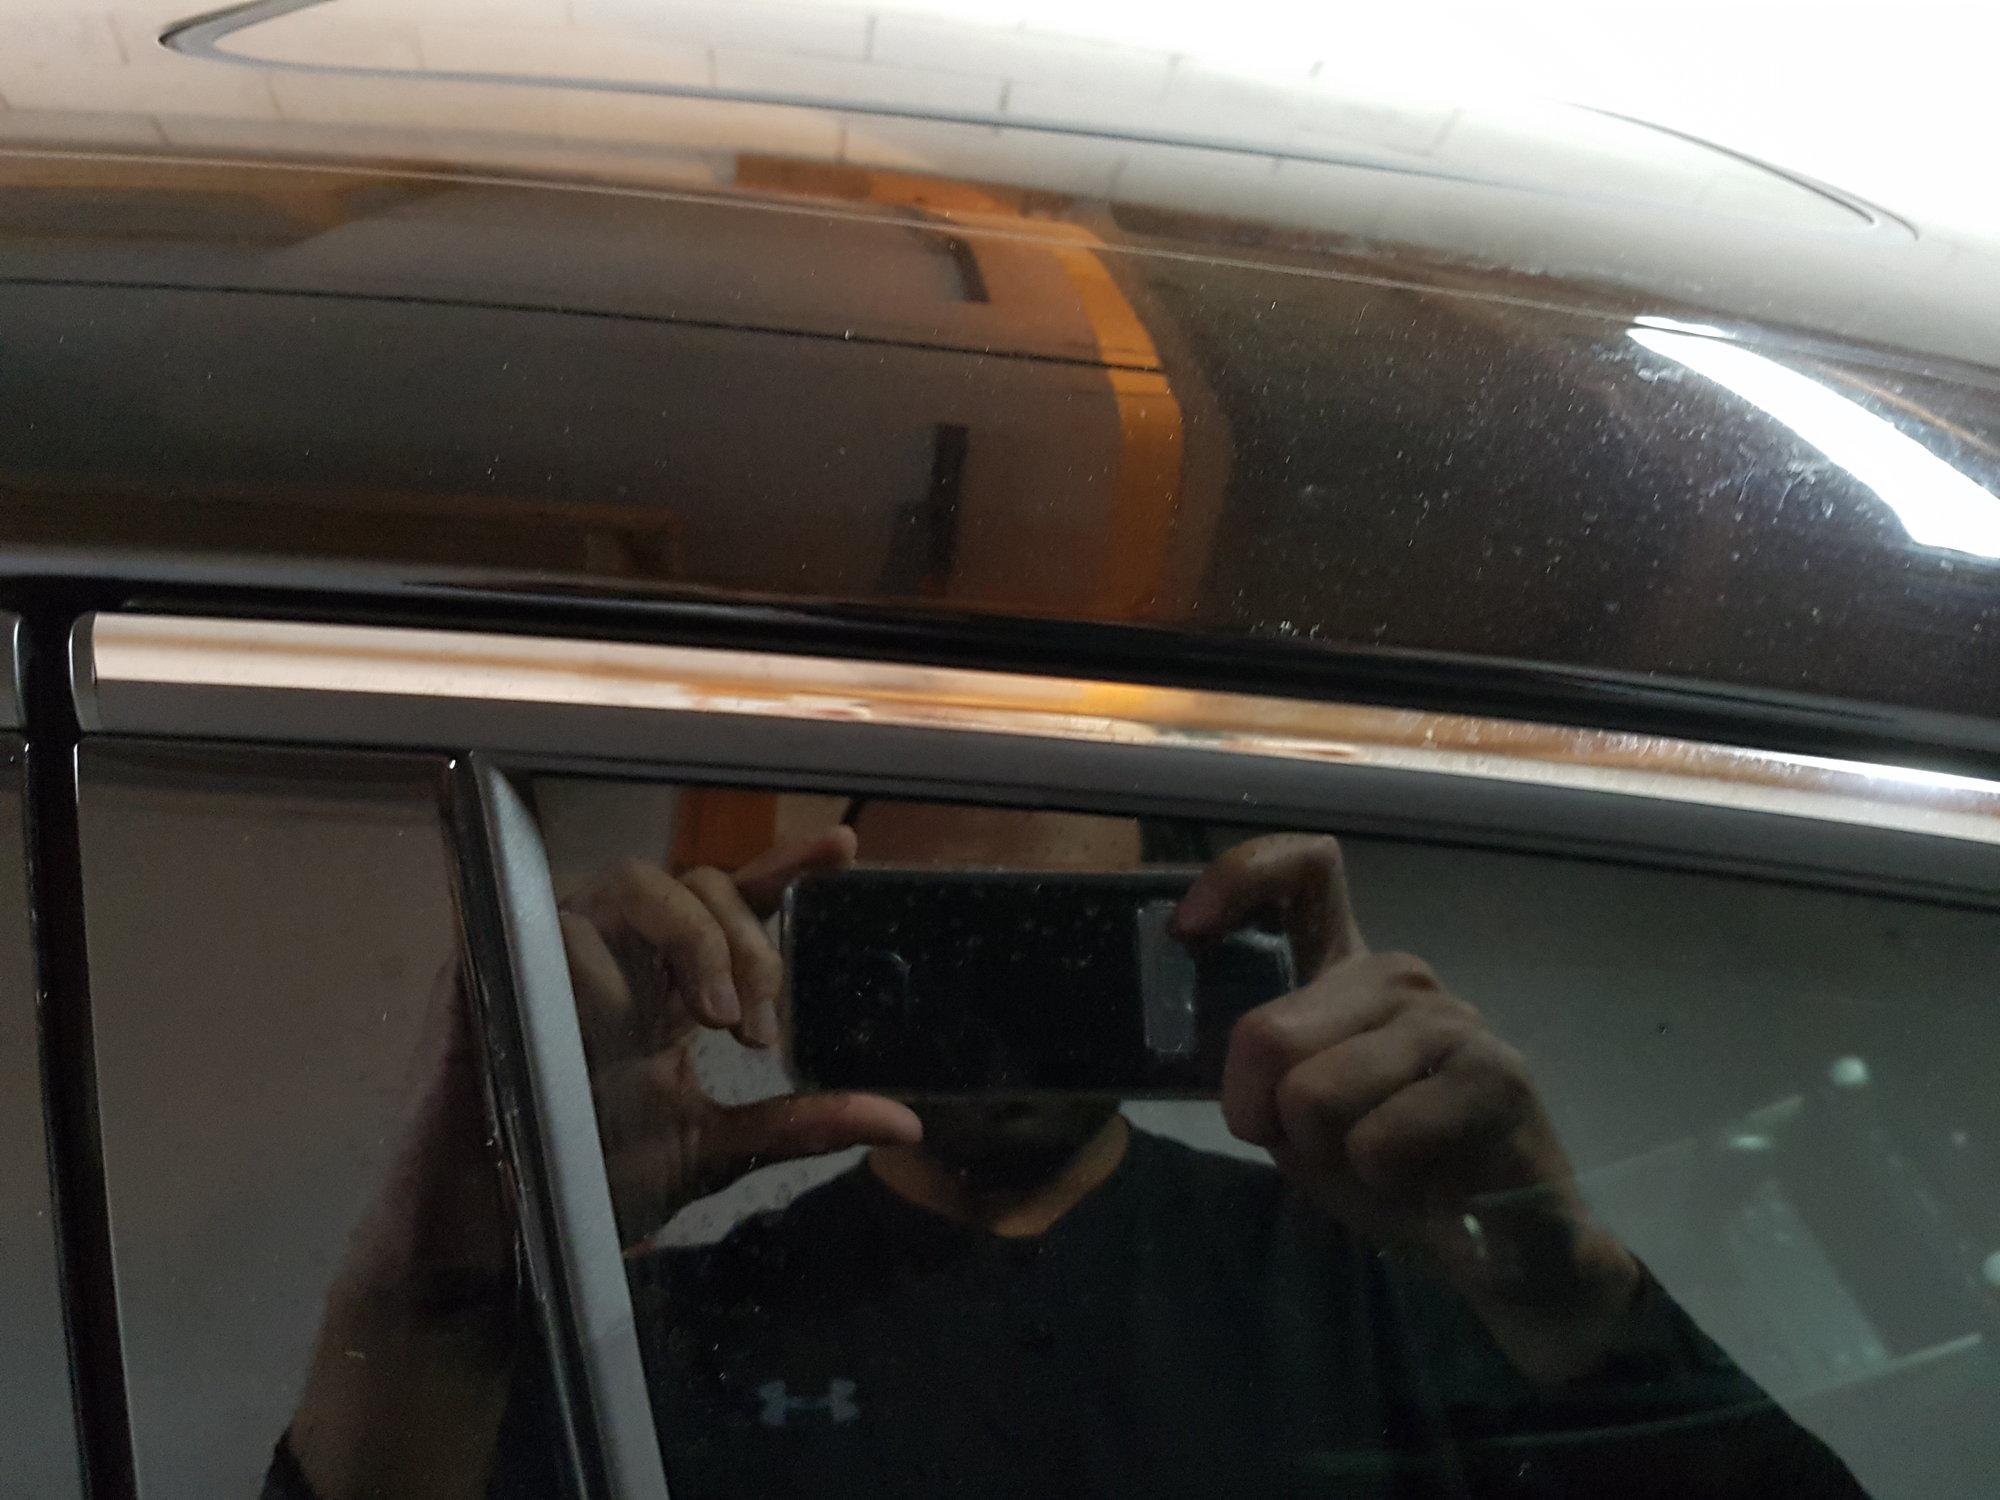 IS300 Piano Black Window Trim install - ClubLexus - Lexus Forum